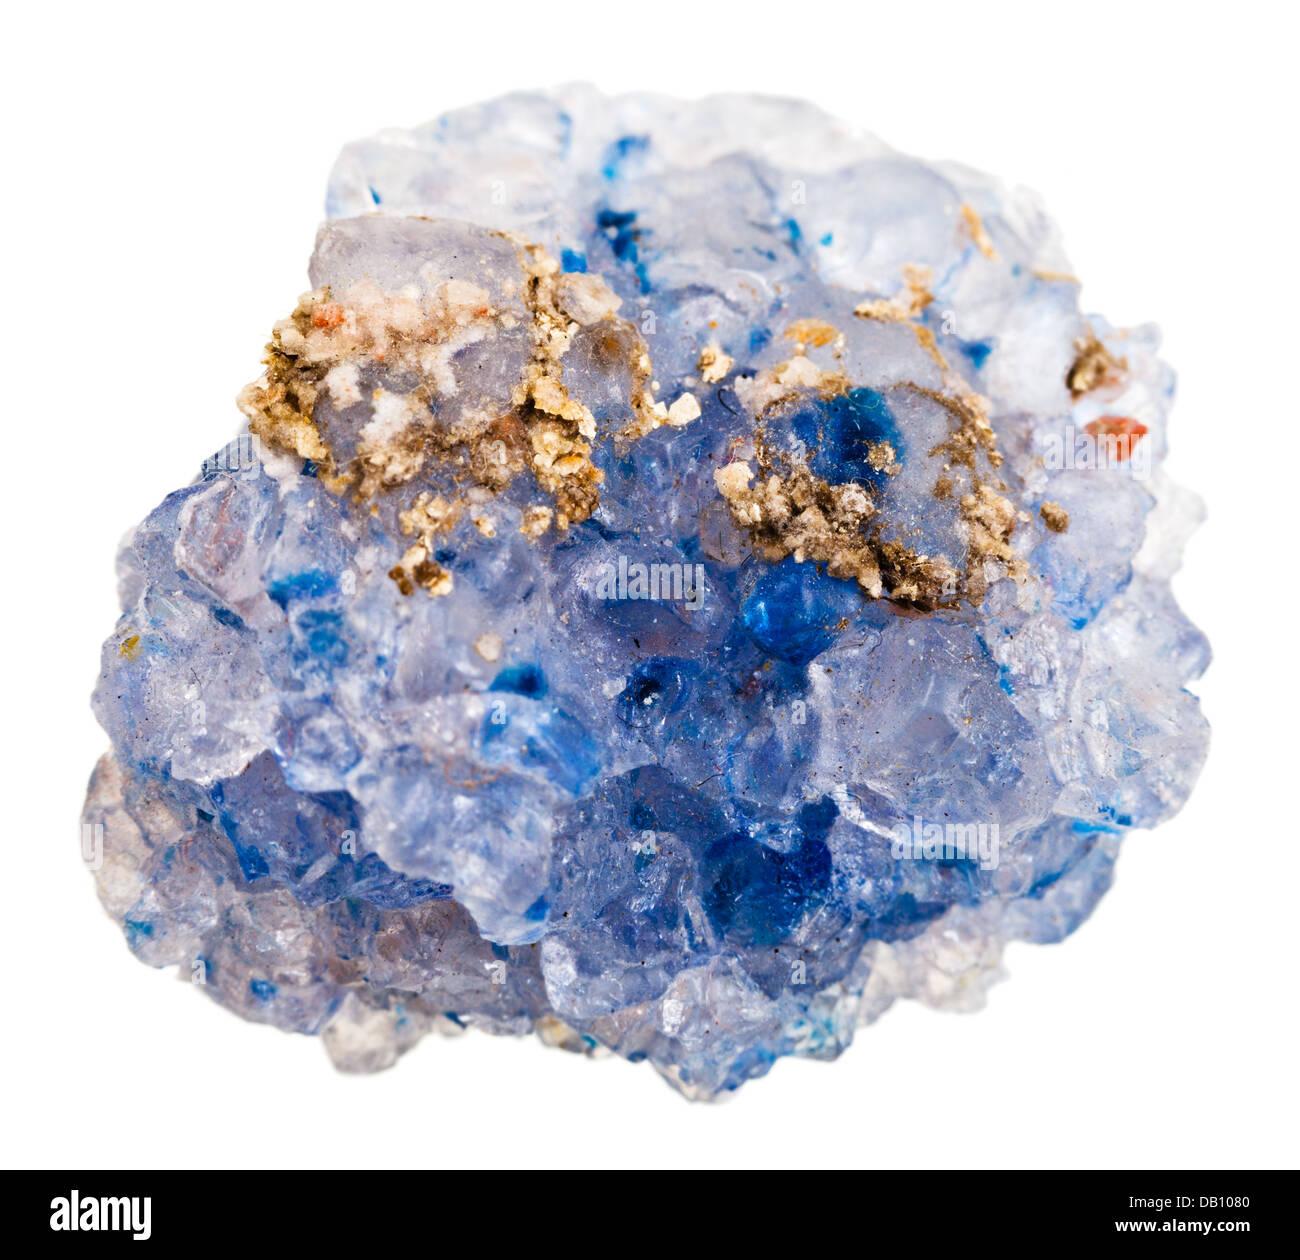 crystals of Celestine (celestite) isolated on white background Stock Photo